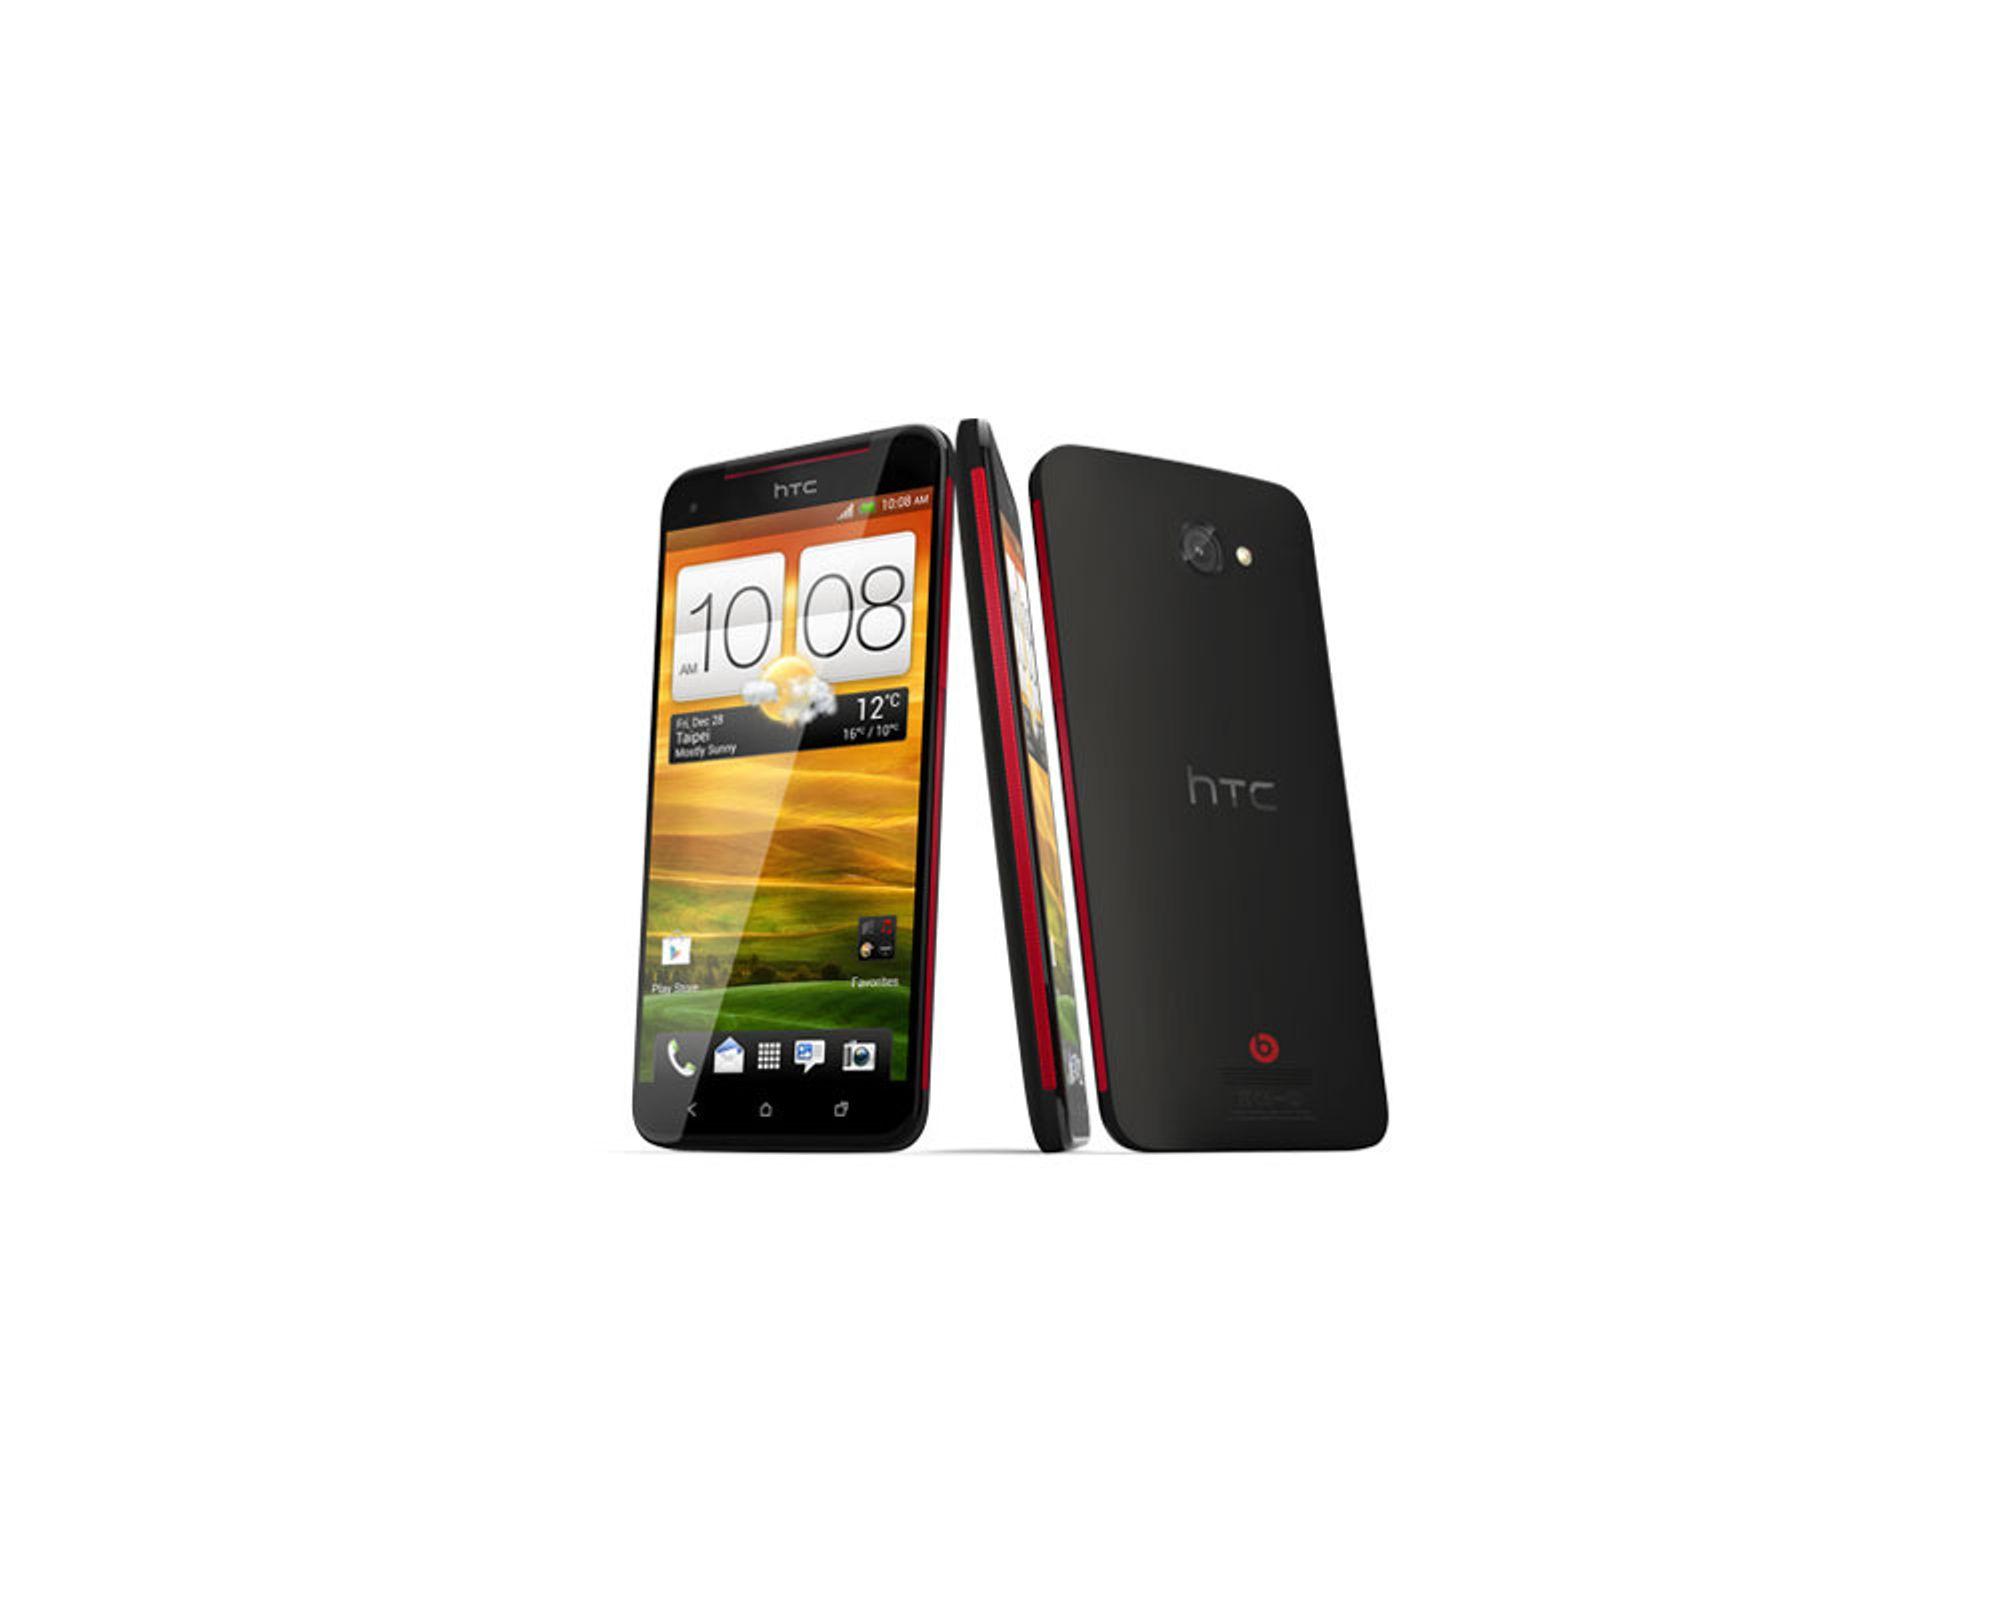 HTC-råskinn lansert